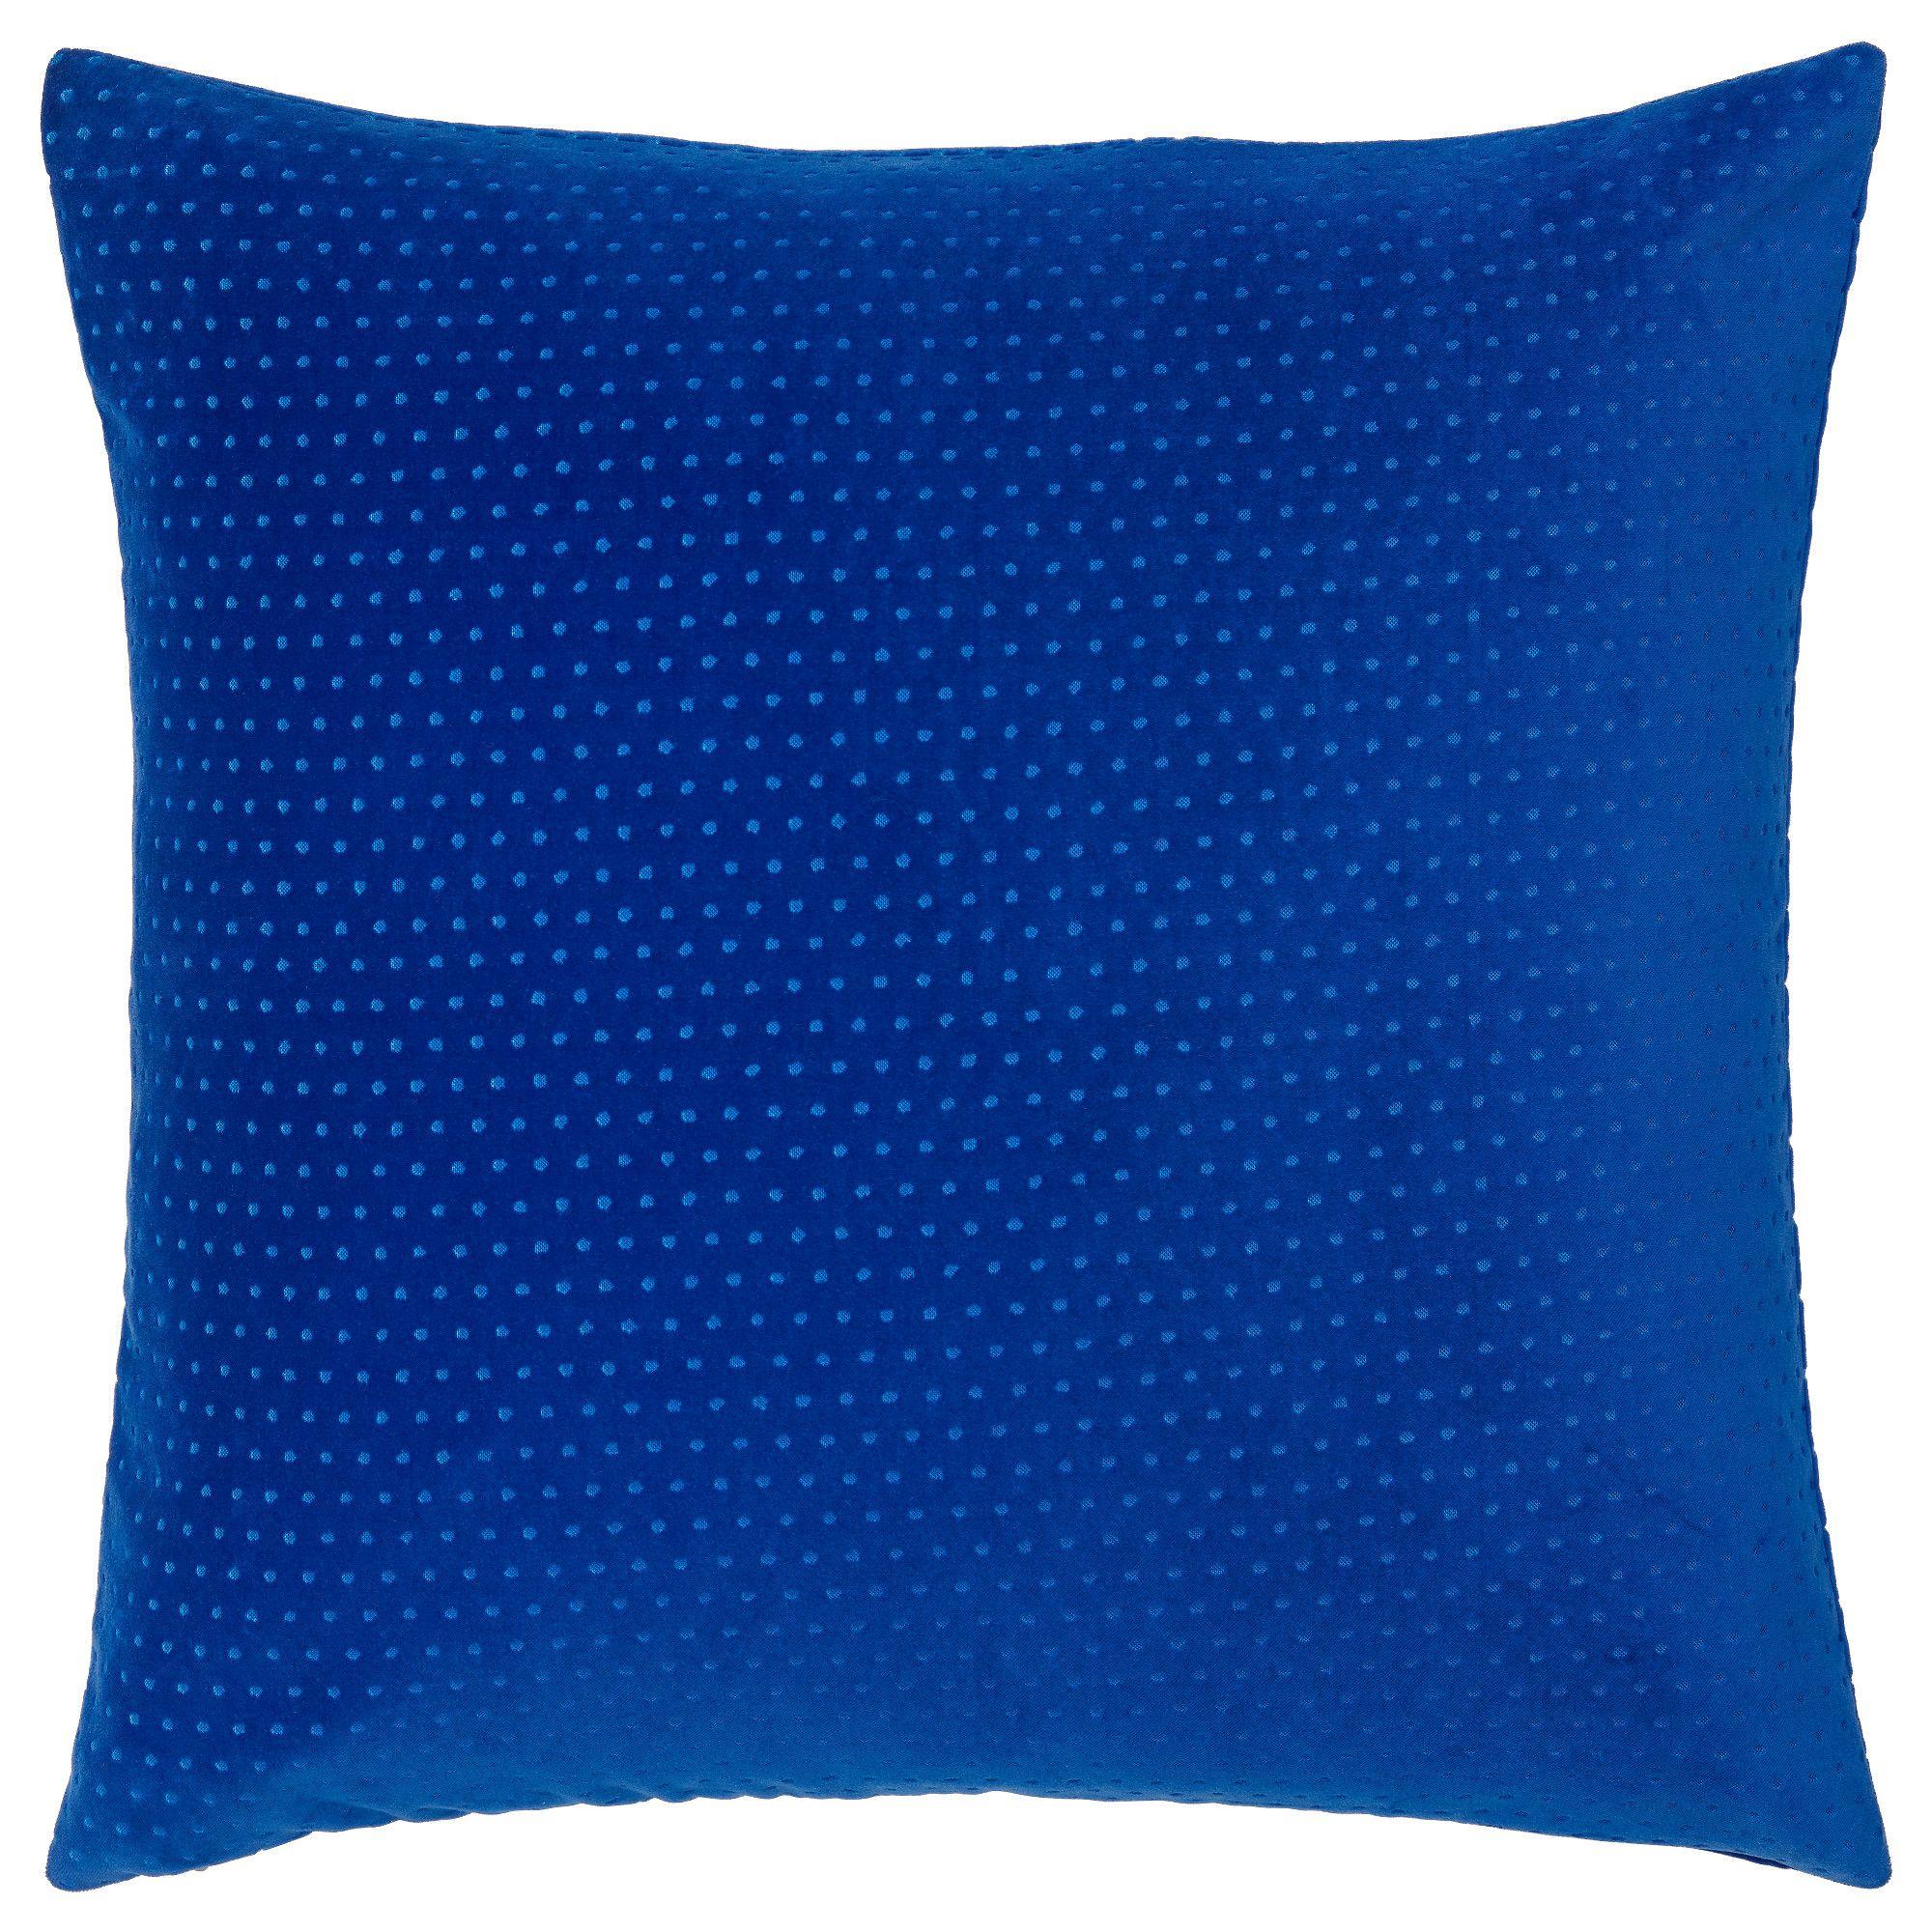 Venche Kissenbezug Blau Ikea Osterreich Ikea Kissen Grosse